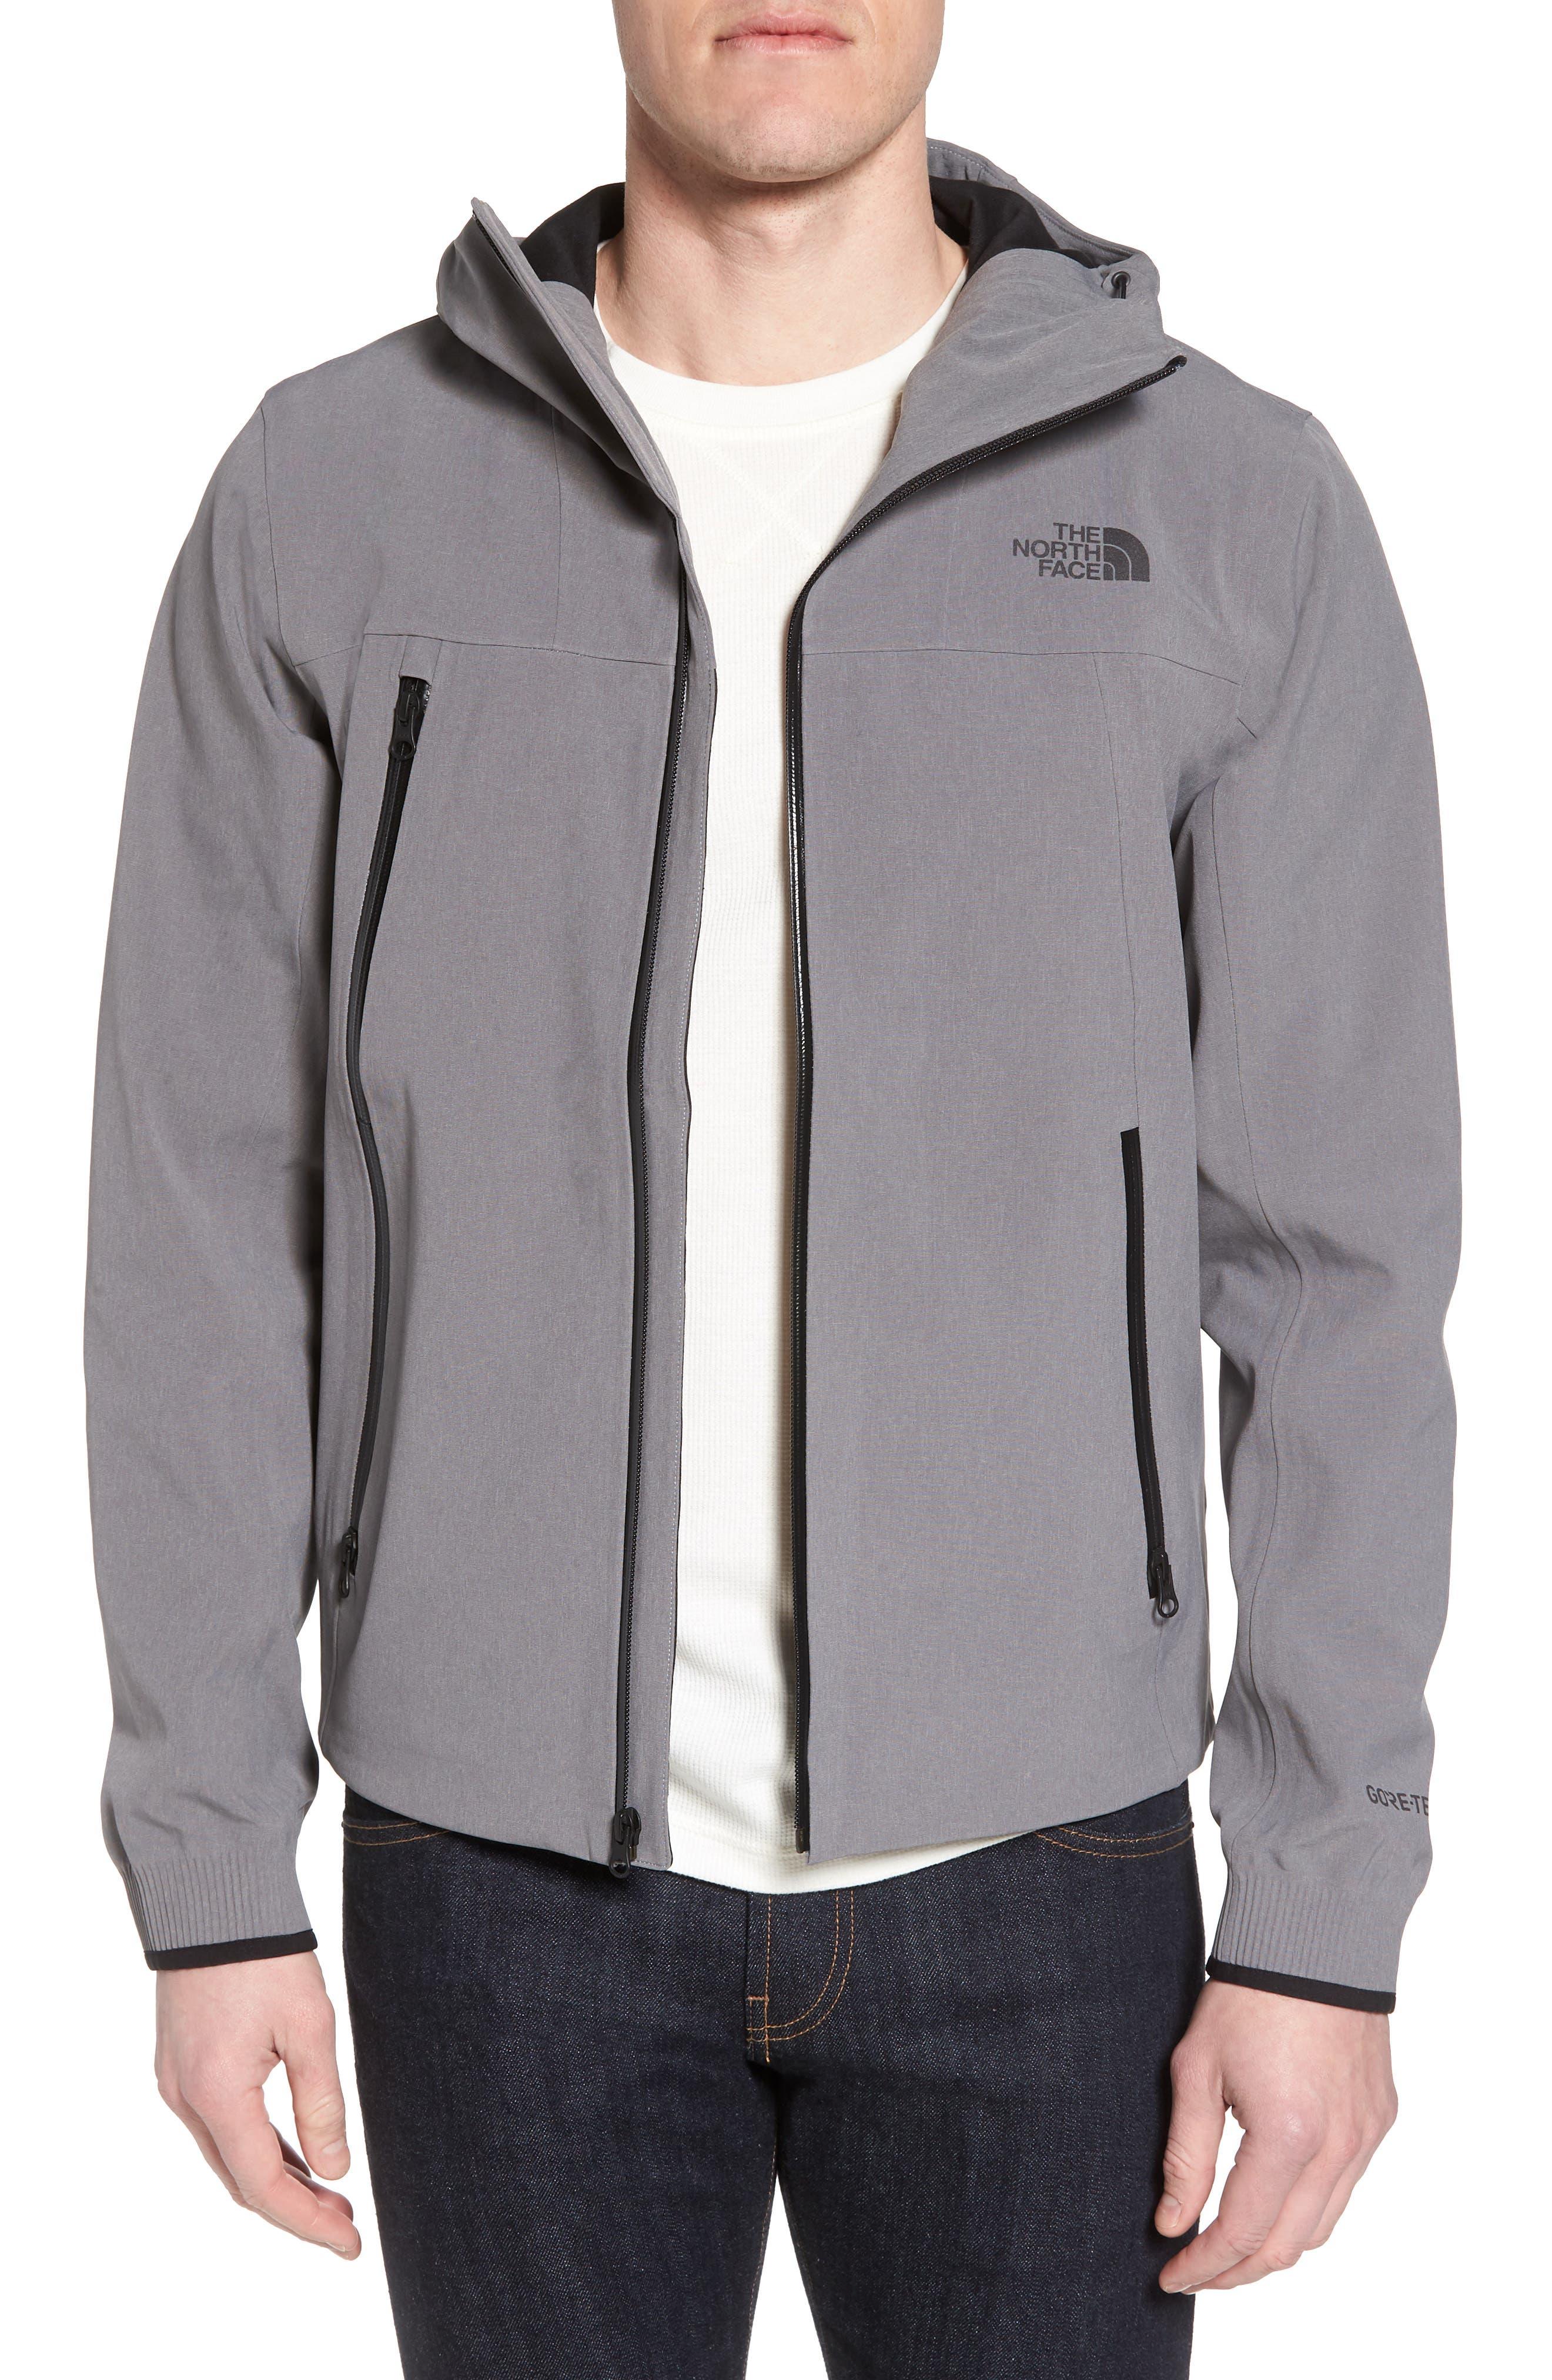 Apex Flex Gore-Tex<sup>®</sup> Waterproof Jacket,                         Main,                         color, Medium Grey Heather